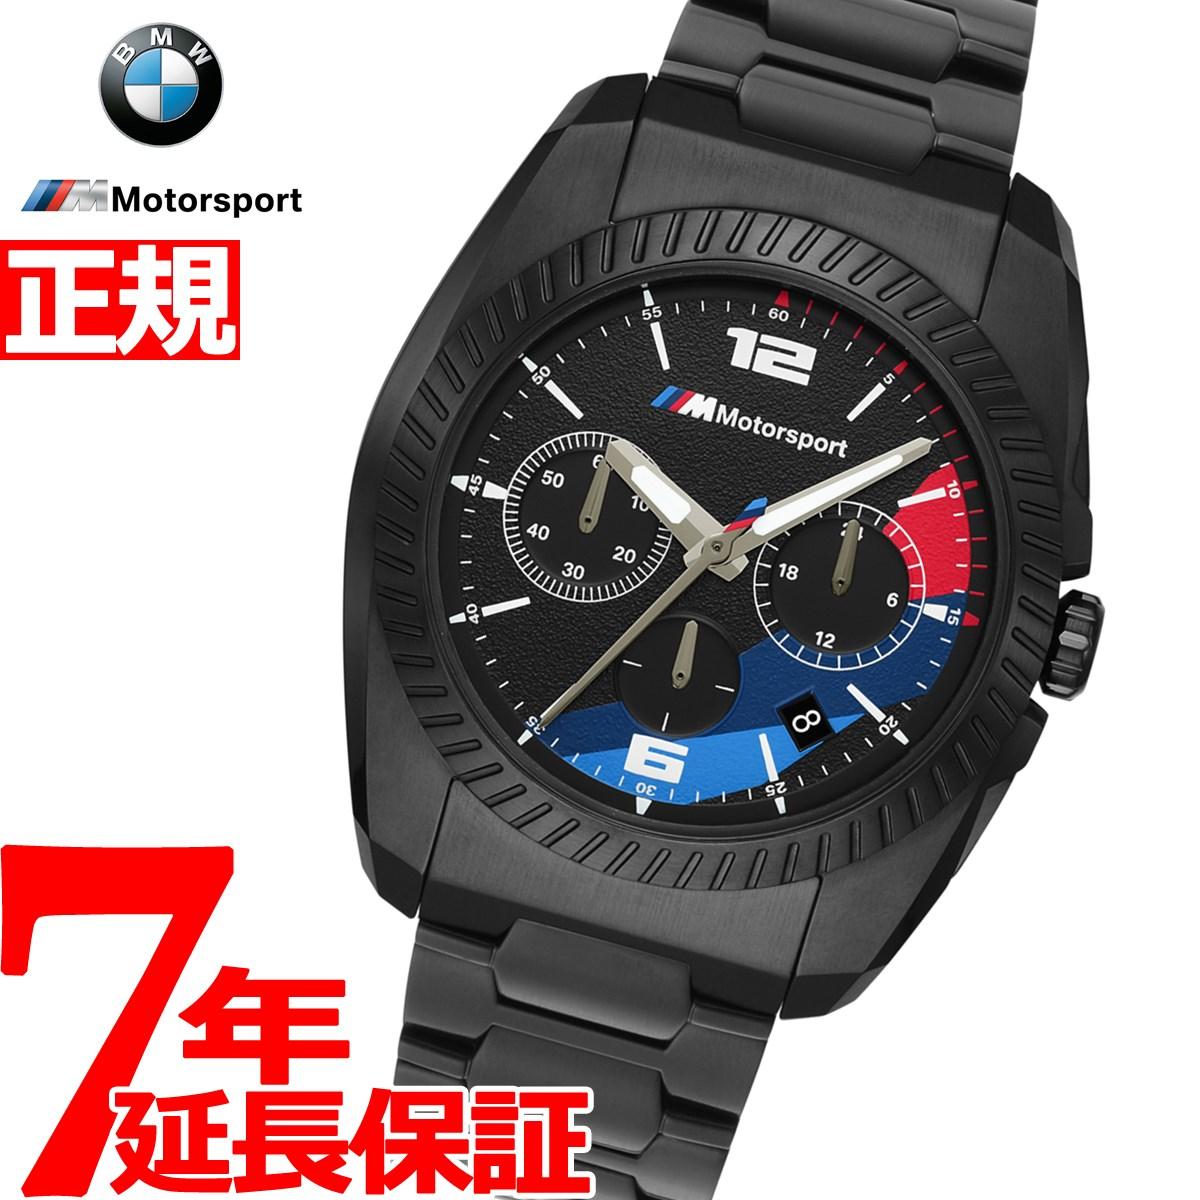 【5日0時~♪10%OFFクーポン&店内ポイント最大51倍!5日23時59分まで】BMW 腕時計 メンズ Mモータースポーツ M MOTORSPORT クロノグラフ BMW3002【2020 新作】